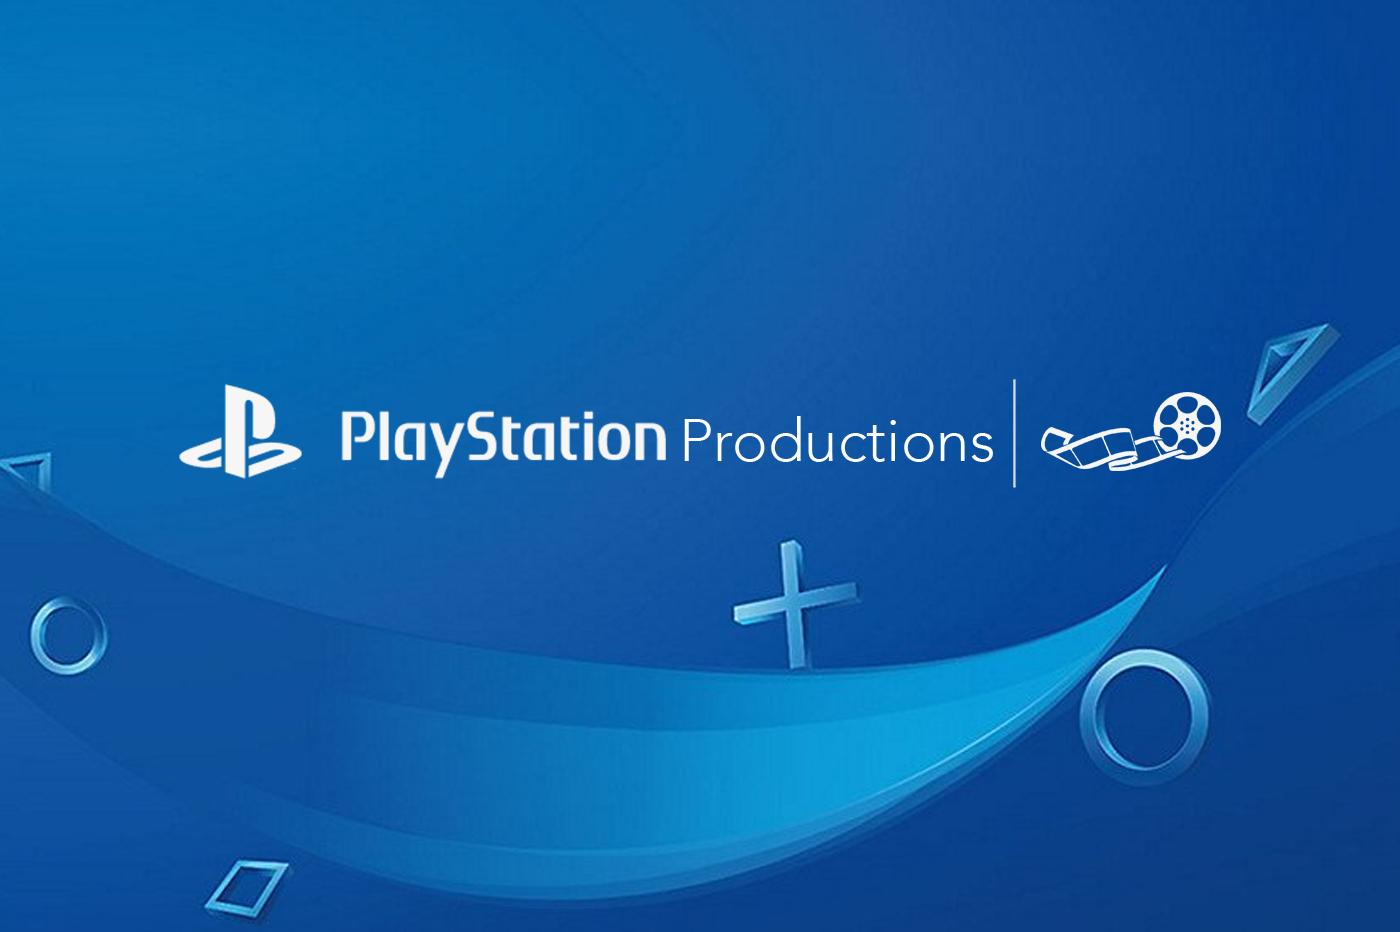 Avec PlayStation Productions, des licences de jeux vidéo vont arriver en films et séries TV!